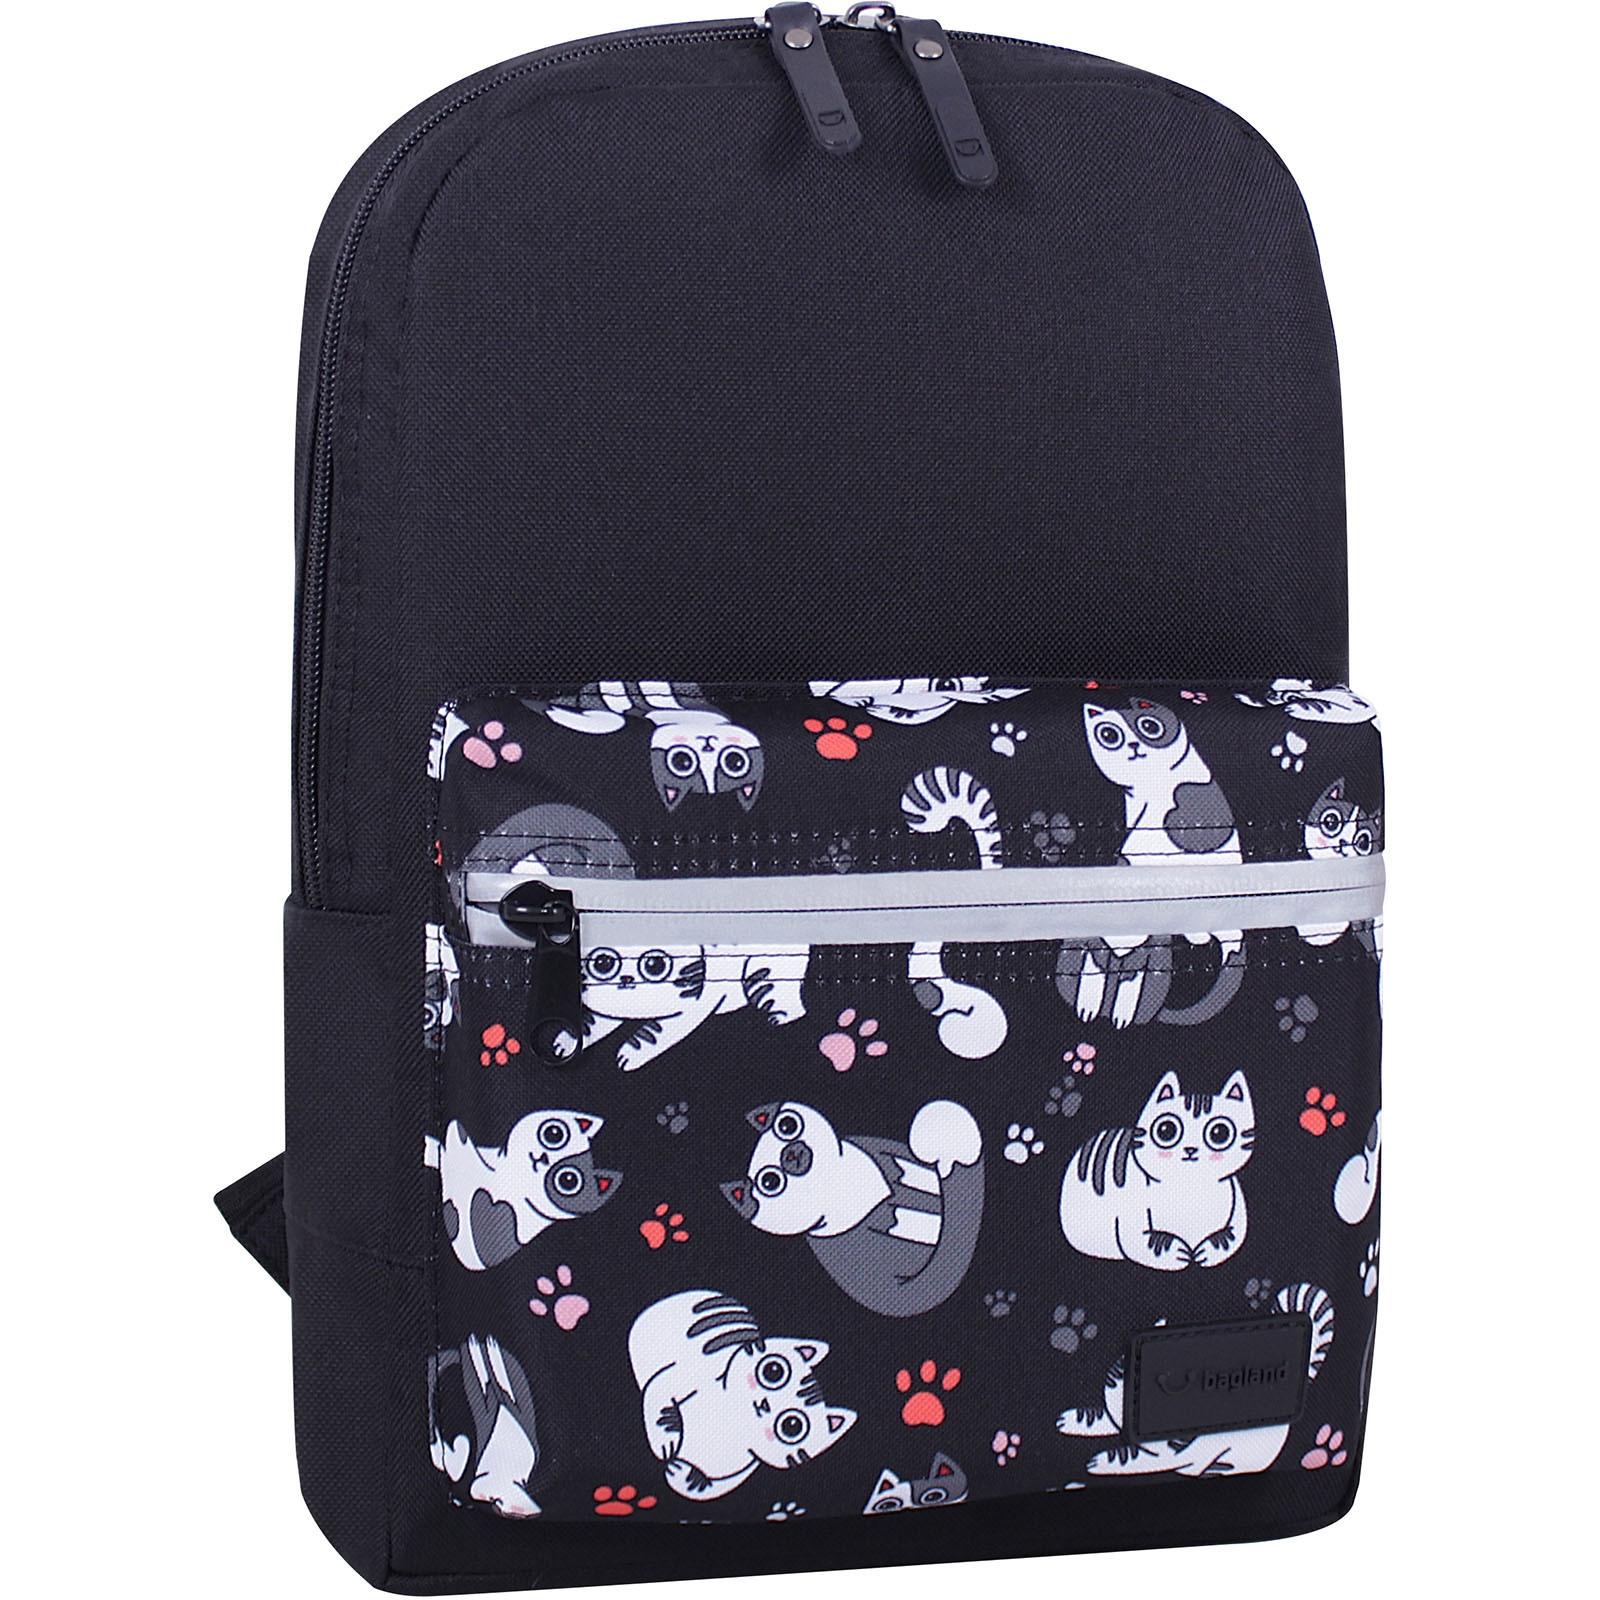 Молодежные рюкзаки Рюкзак Bagland Молодежный mini 8 л. черный 776 (0050866) IMG_6792_суб.776_.JPG